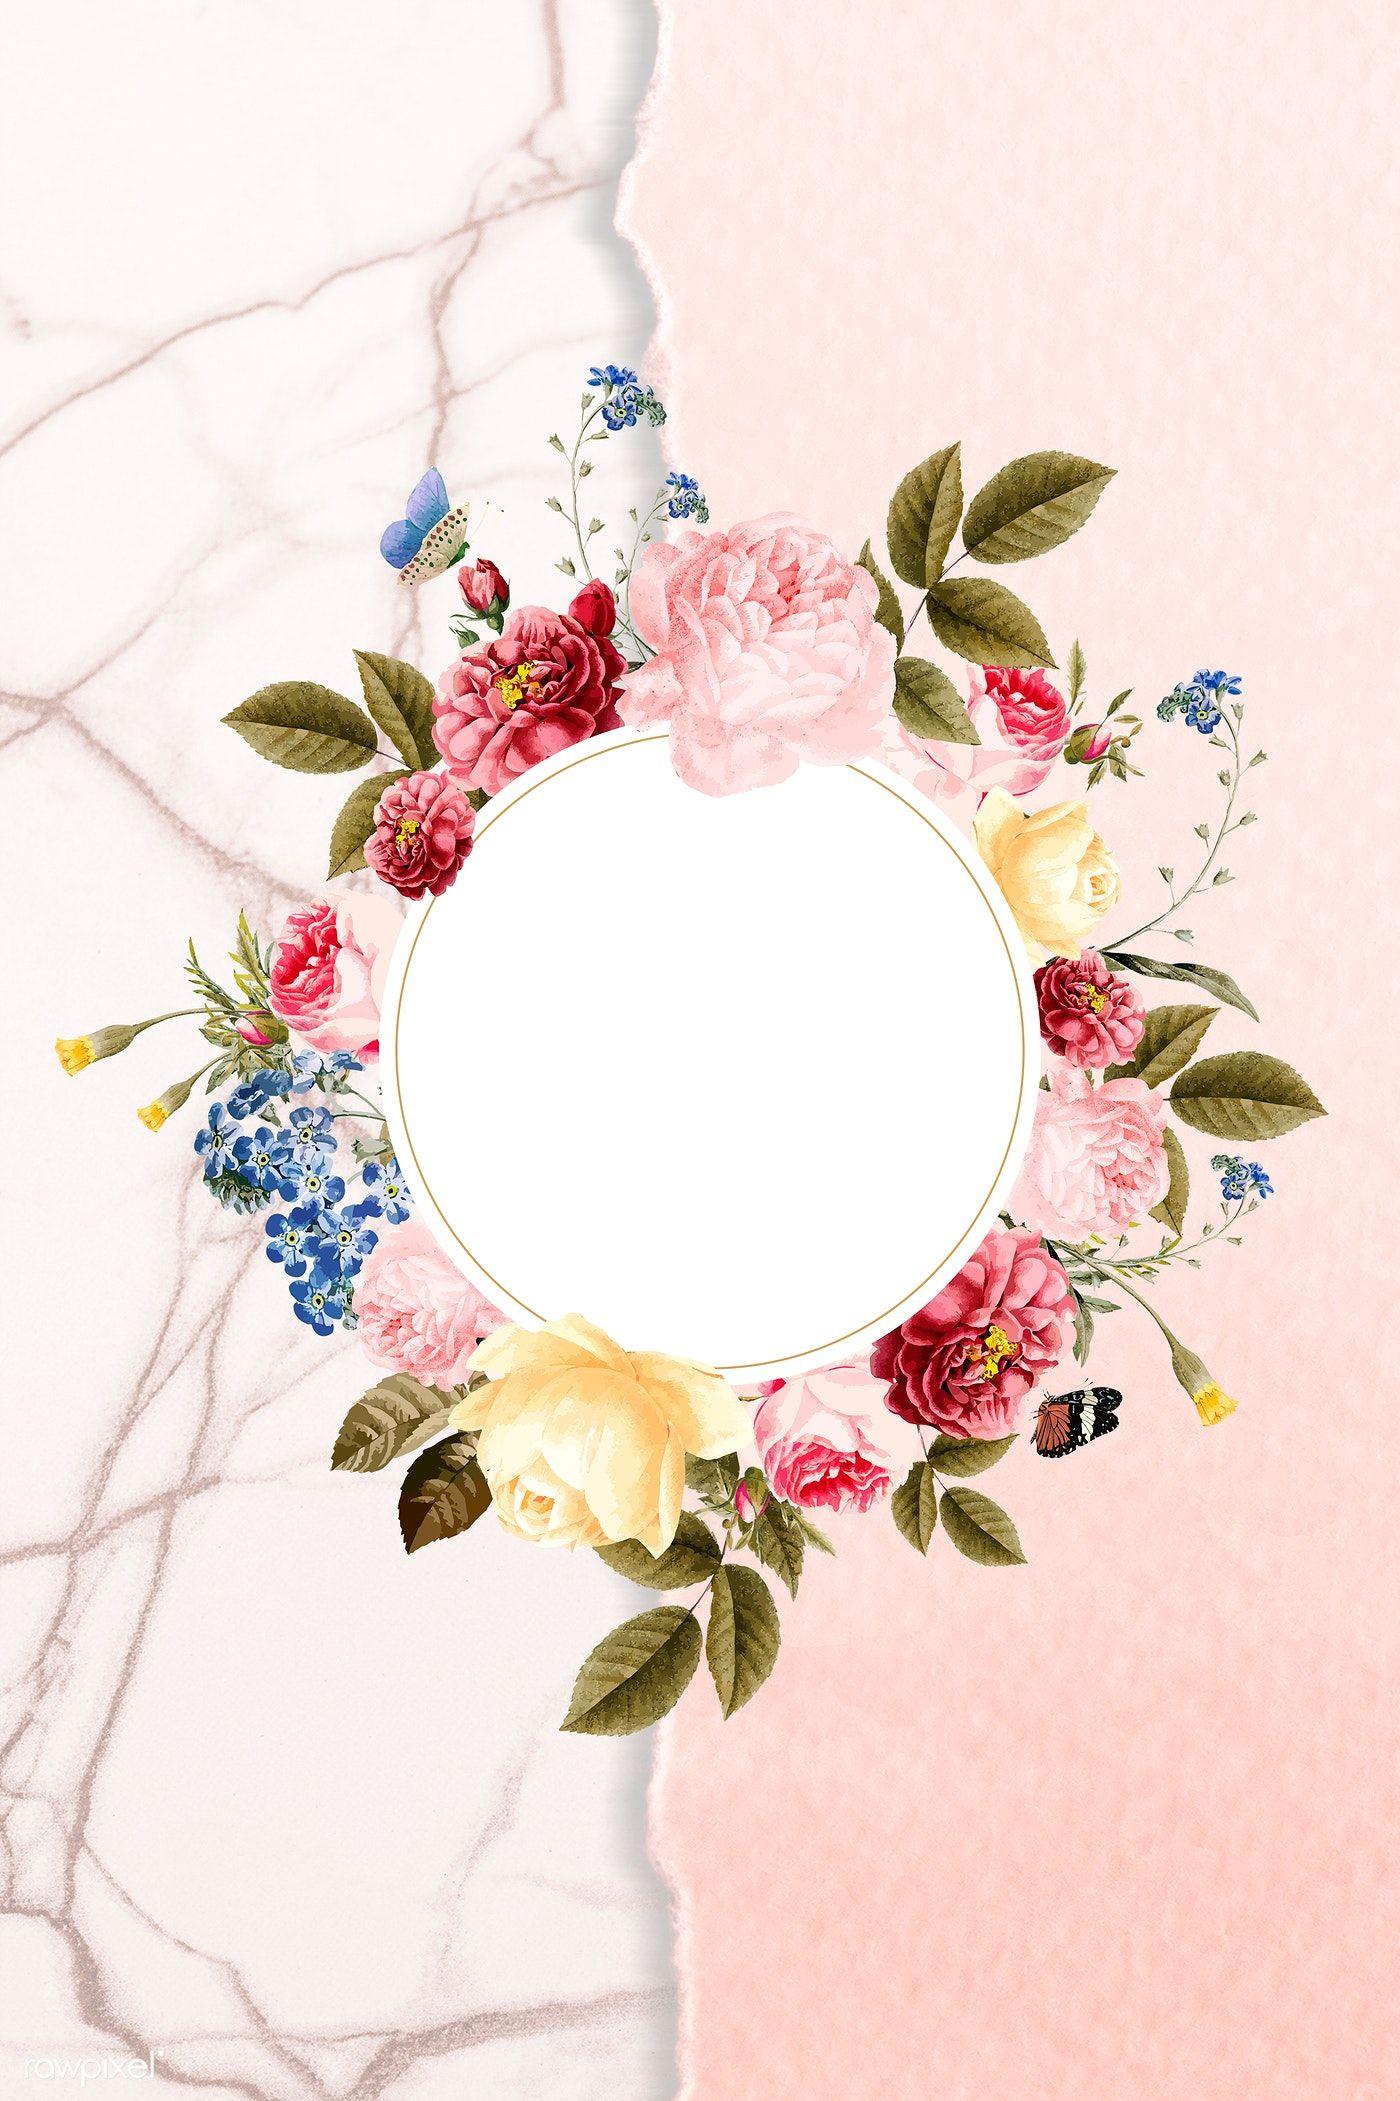 Download Premium Illustration Of Floral Round Frame On A Marble Background Flower Illustration Flower Phone Wallpaper Marble Background